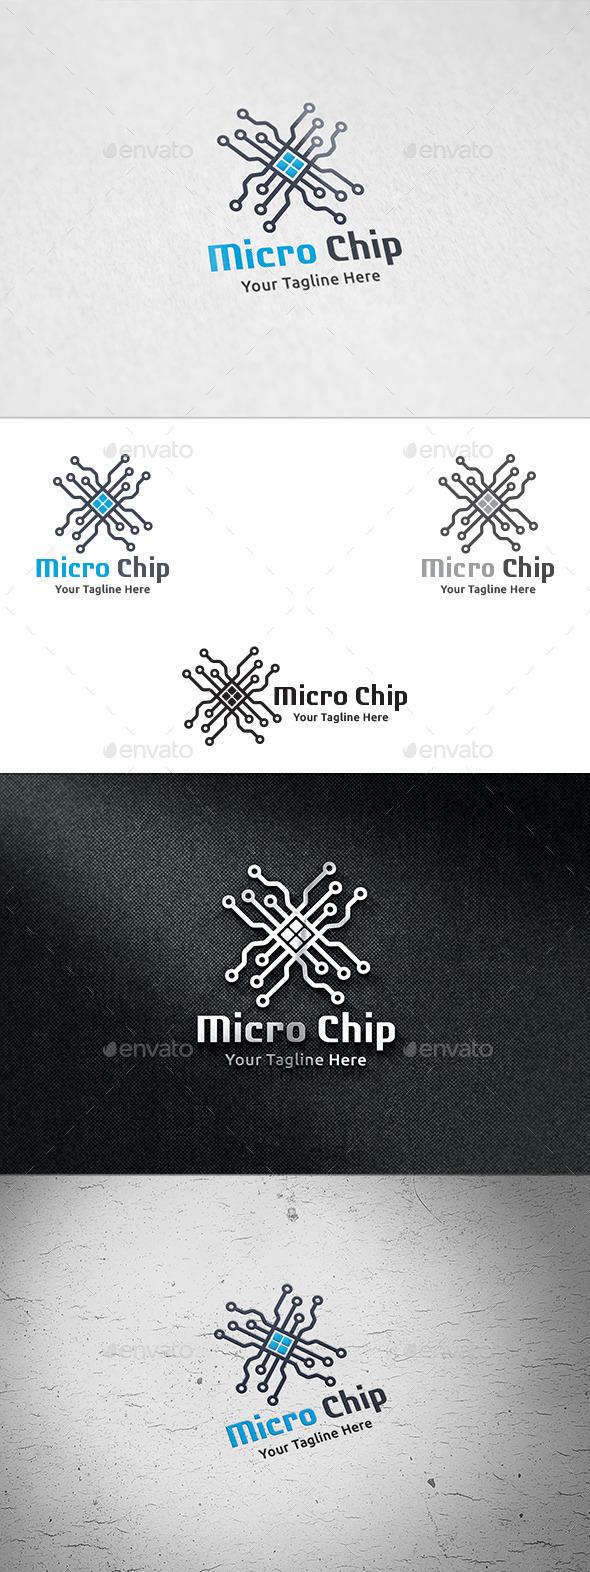 GraphicRiver Micro Chip Logo Template 9001532